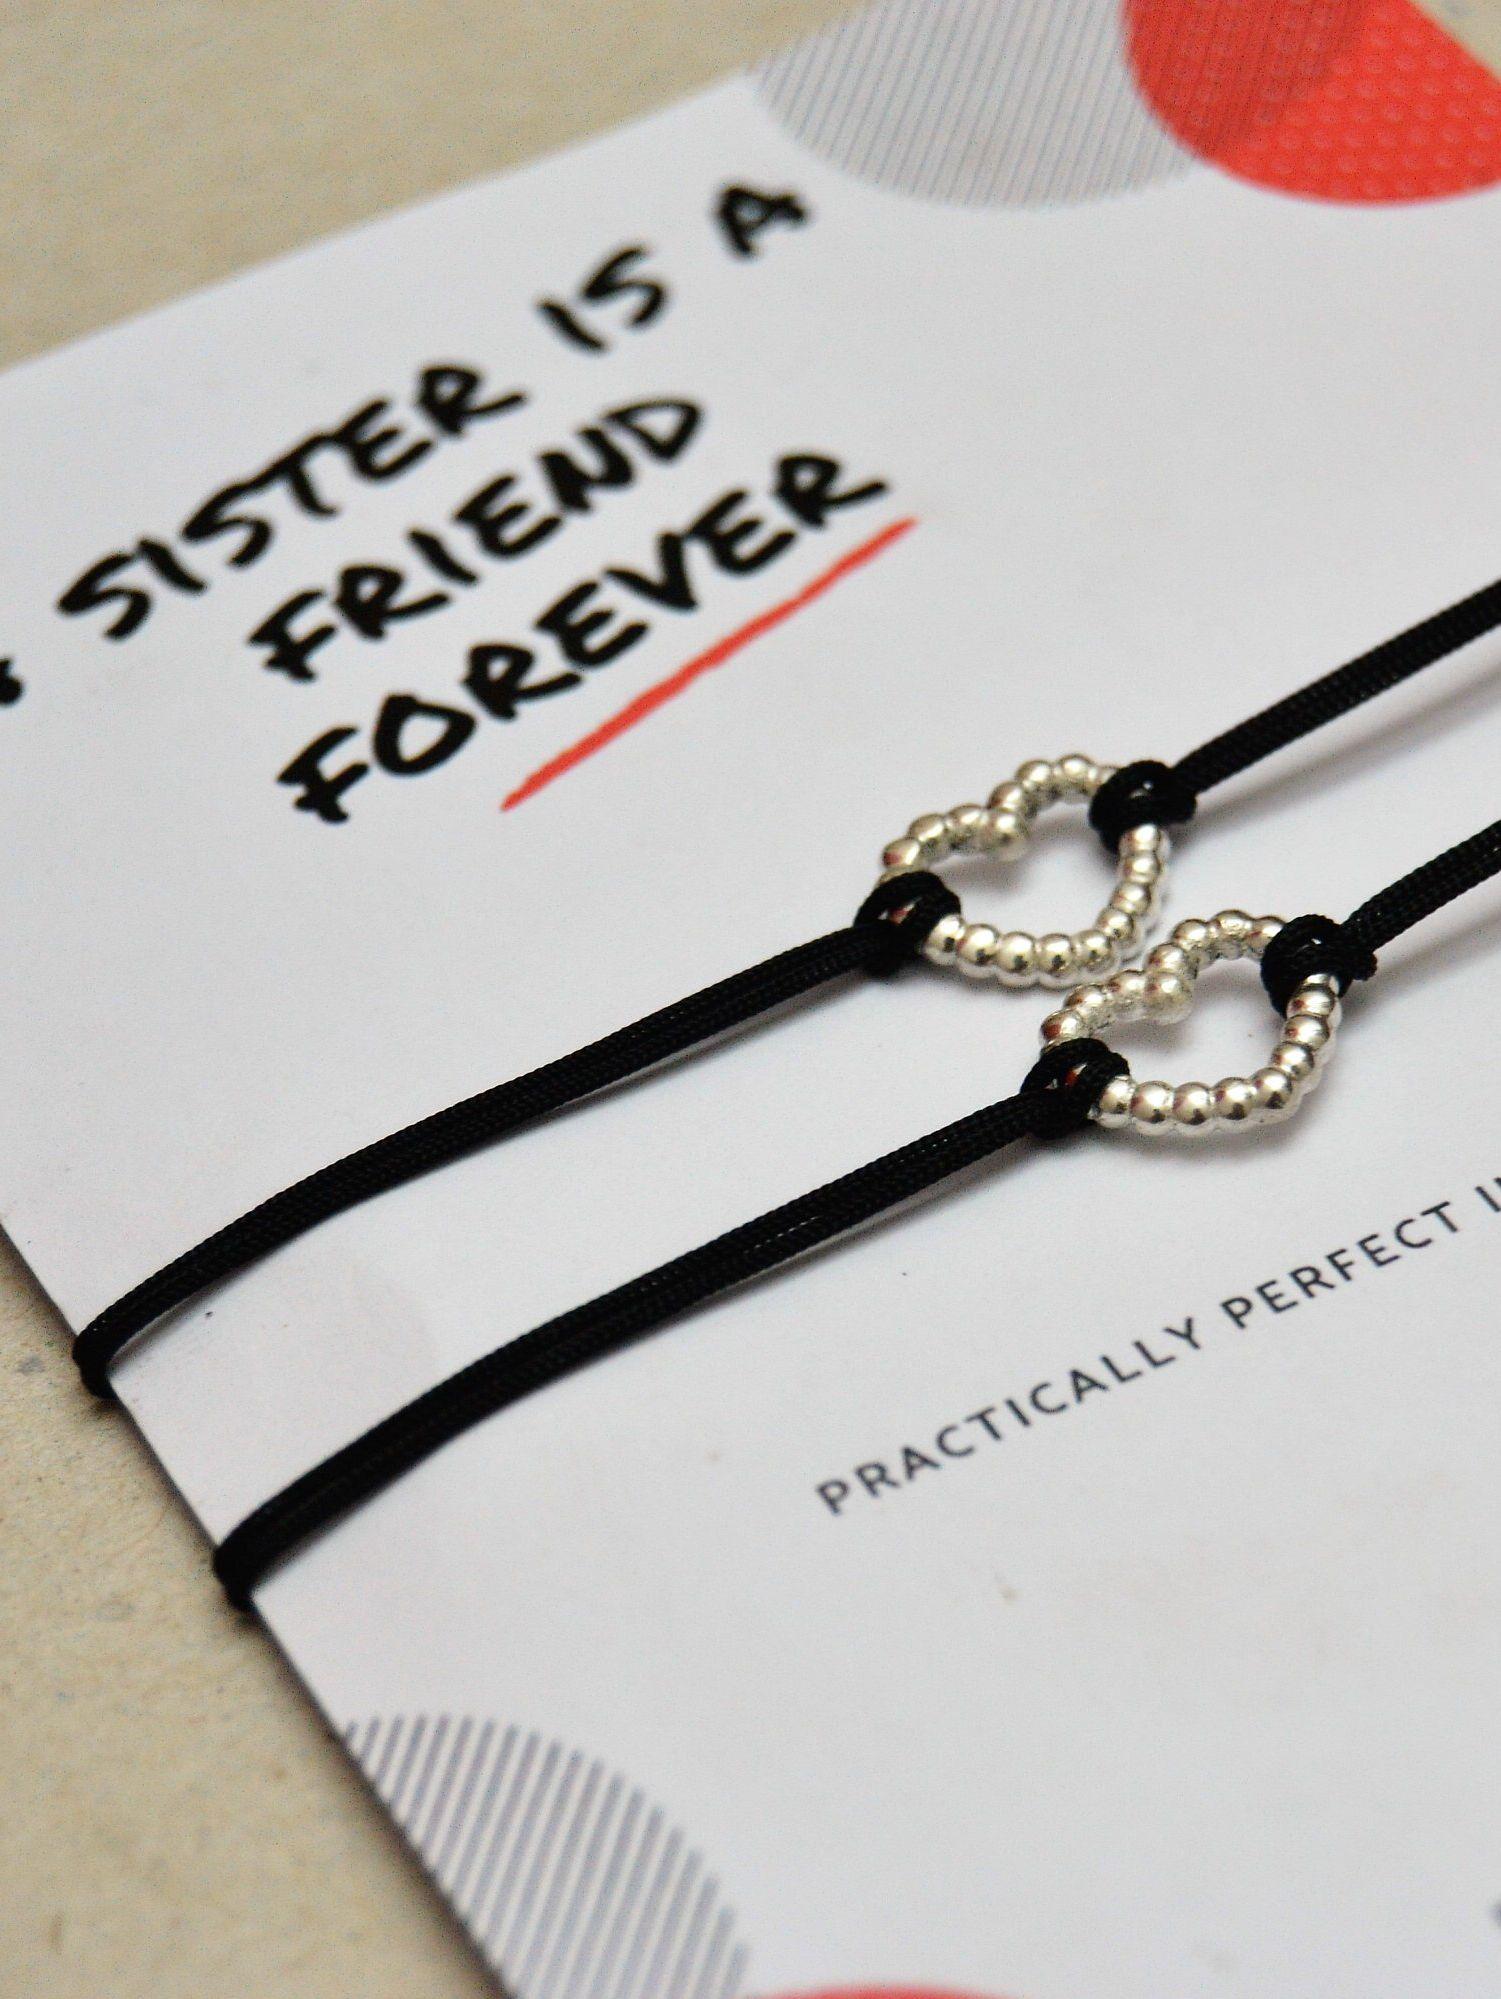 Quiero Compartir Lo último Que He Añadido A Mi Tienda De Etsy Sisters Bracelets Regalos Para Mejor Amigo Diy Regalos Para Amigos Regalos Para Mejores Amigos